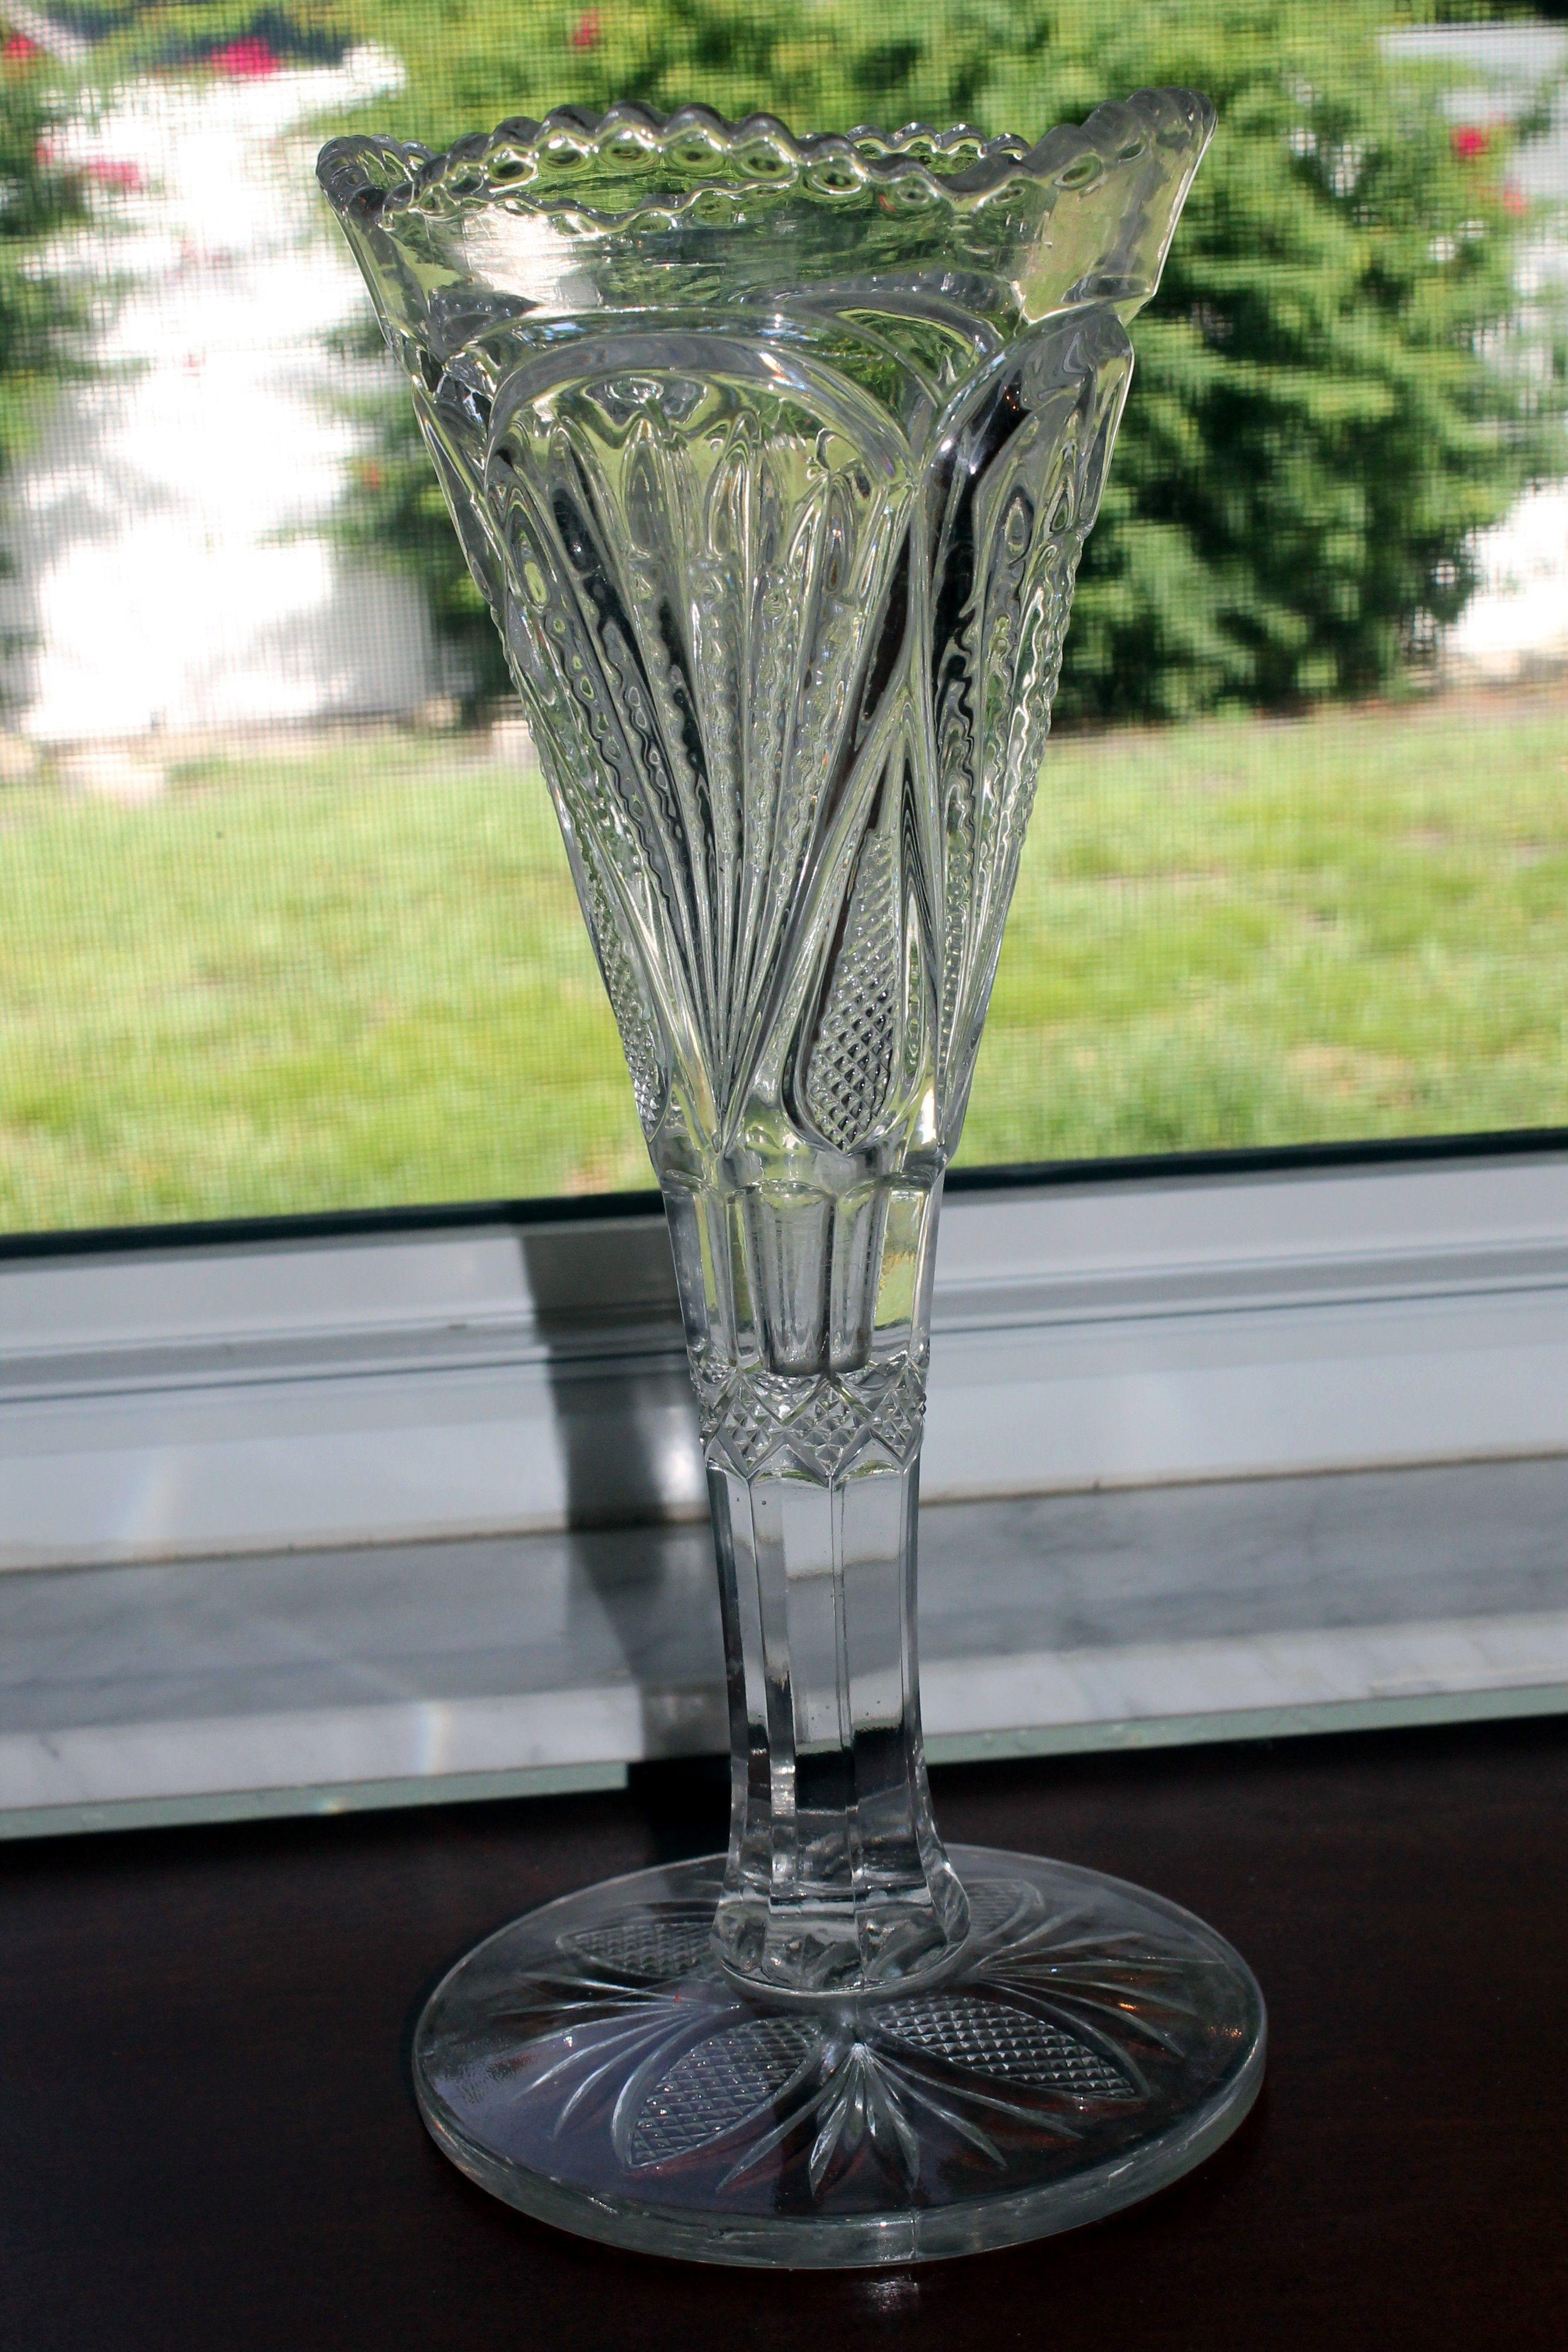 heisey glass vase of eapg flared vase punty diamond point heisey glass circa 1900 1907 within eapg flared vase punty diamond point heisey glass circa 1900 1907 heisey pinterest glass